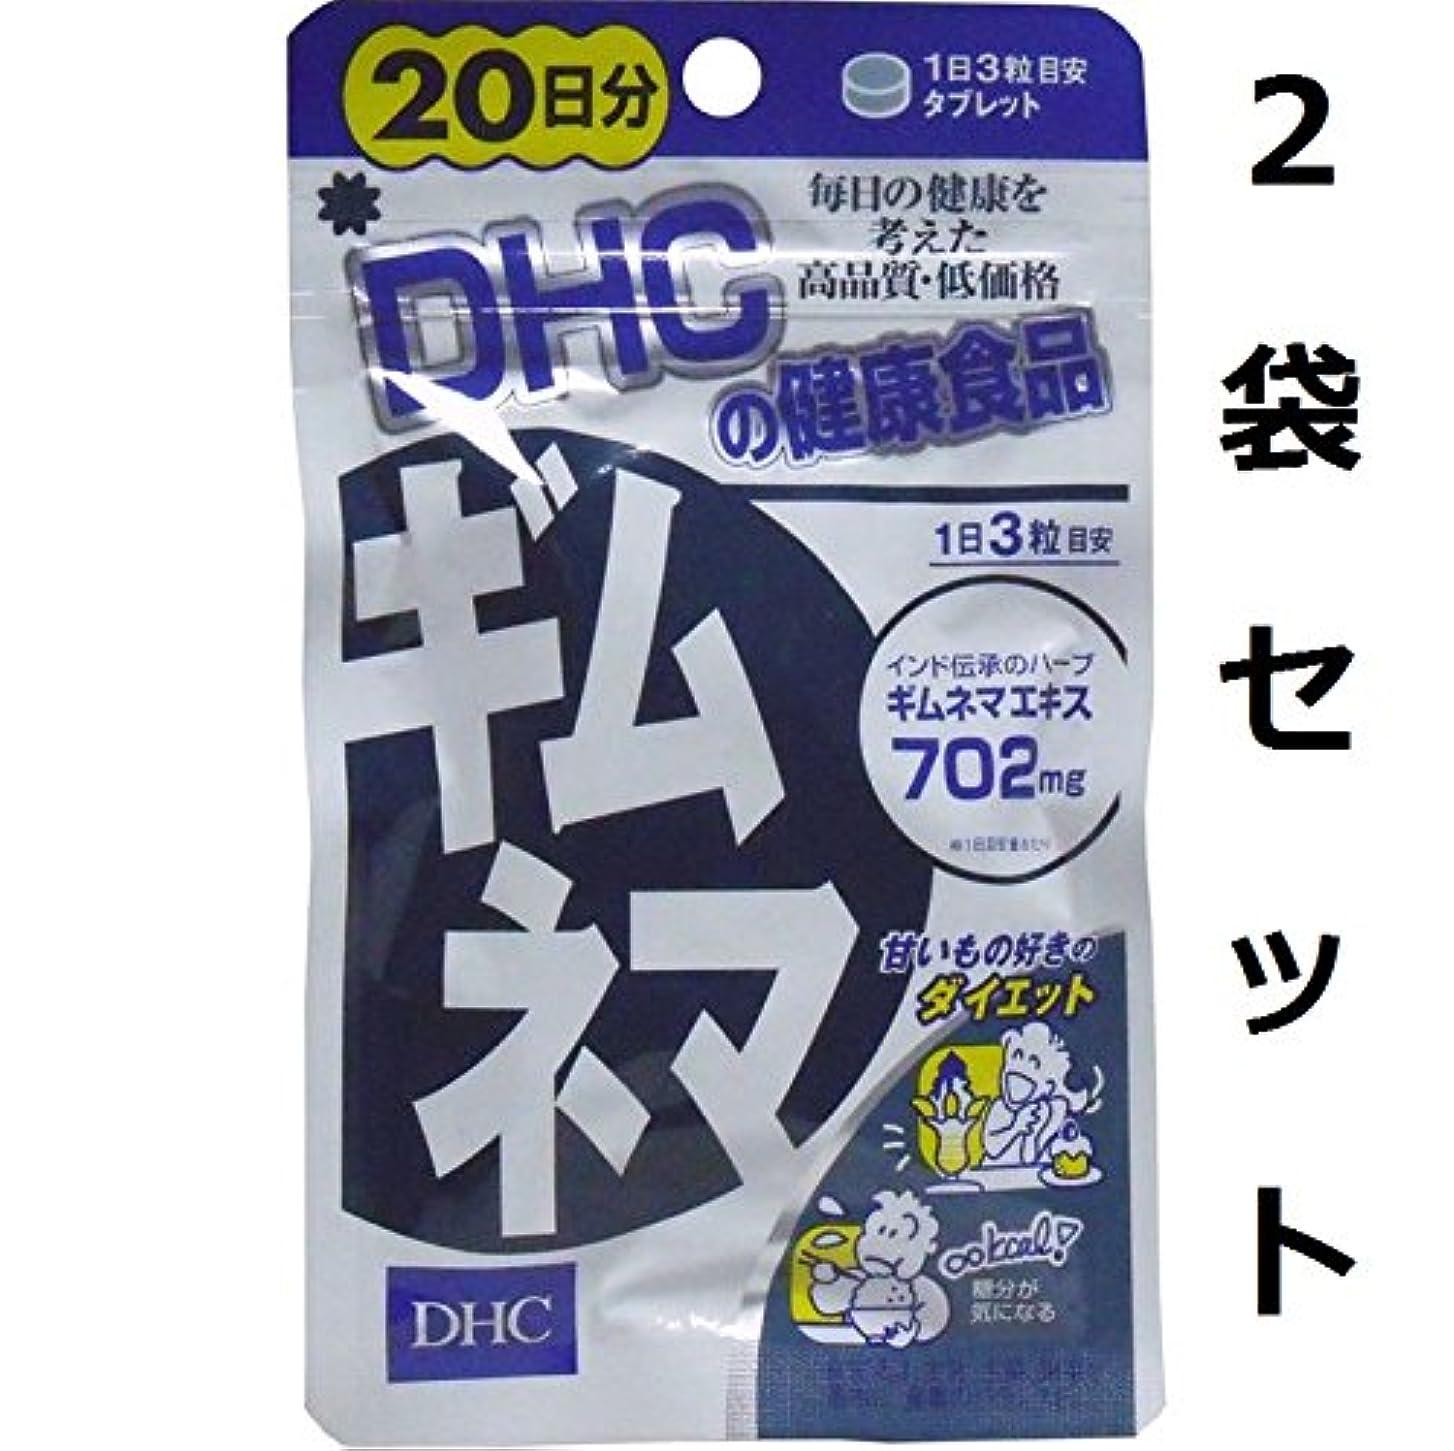 糖分や炭水化物を多く摂る人に DHC ギムネマ 20日分 60粒 2袋セット